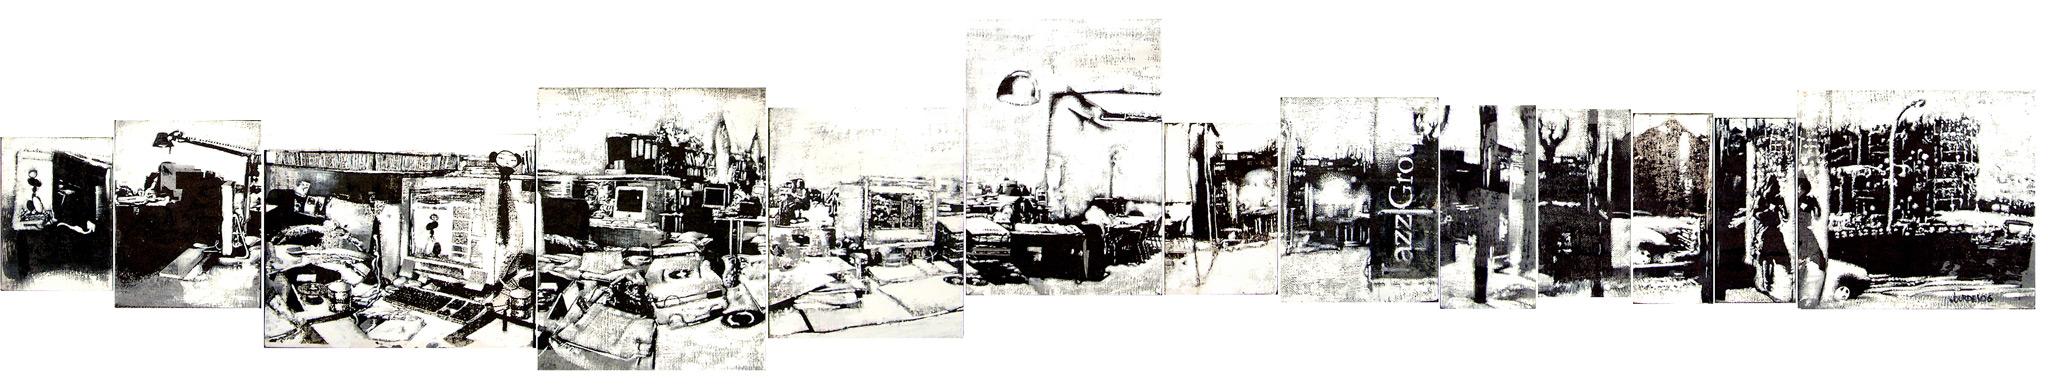 Jazz Group. Miniaturas, 2006, serigrafía y témpera sobre tela,  14 x 10, 17 x14, 19'5 x 24, 25'5 x 20'5, 21 x 17, 25 x 17'5,  15'5 x 10, 14 x 18'5, 8'5 x 19, 7 x 17'5, 17'5 x 8'5, 17 x 6'5, 20 x 21 cm